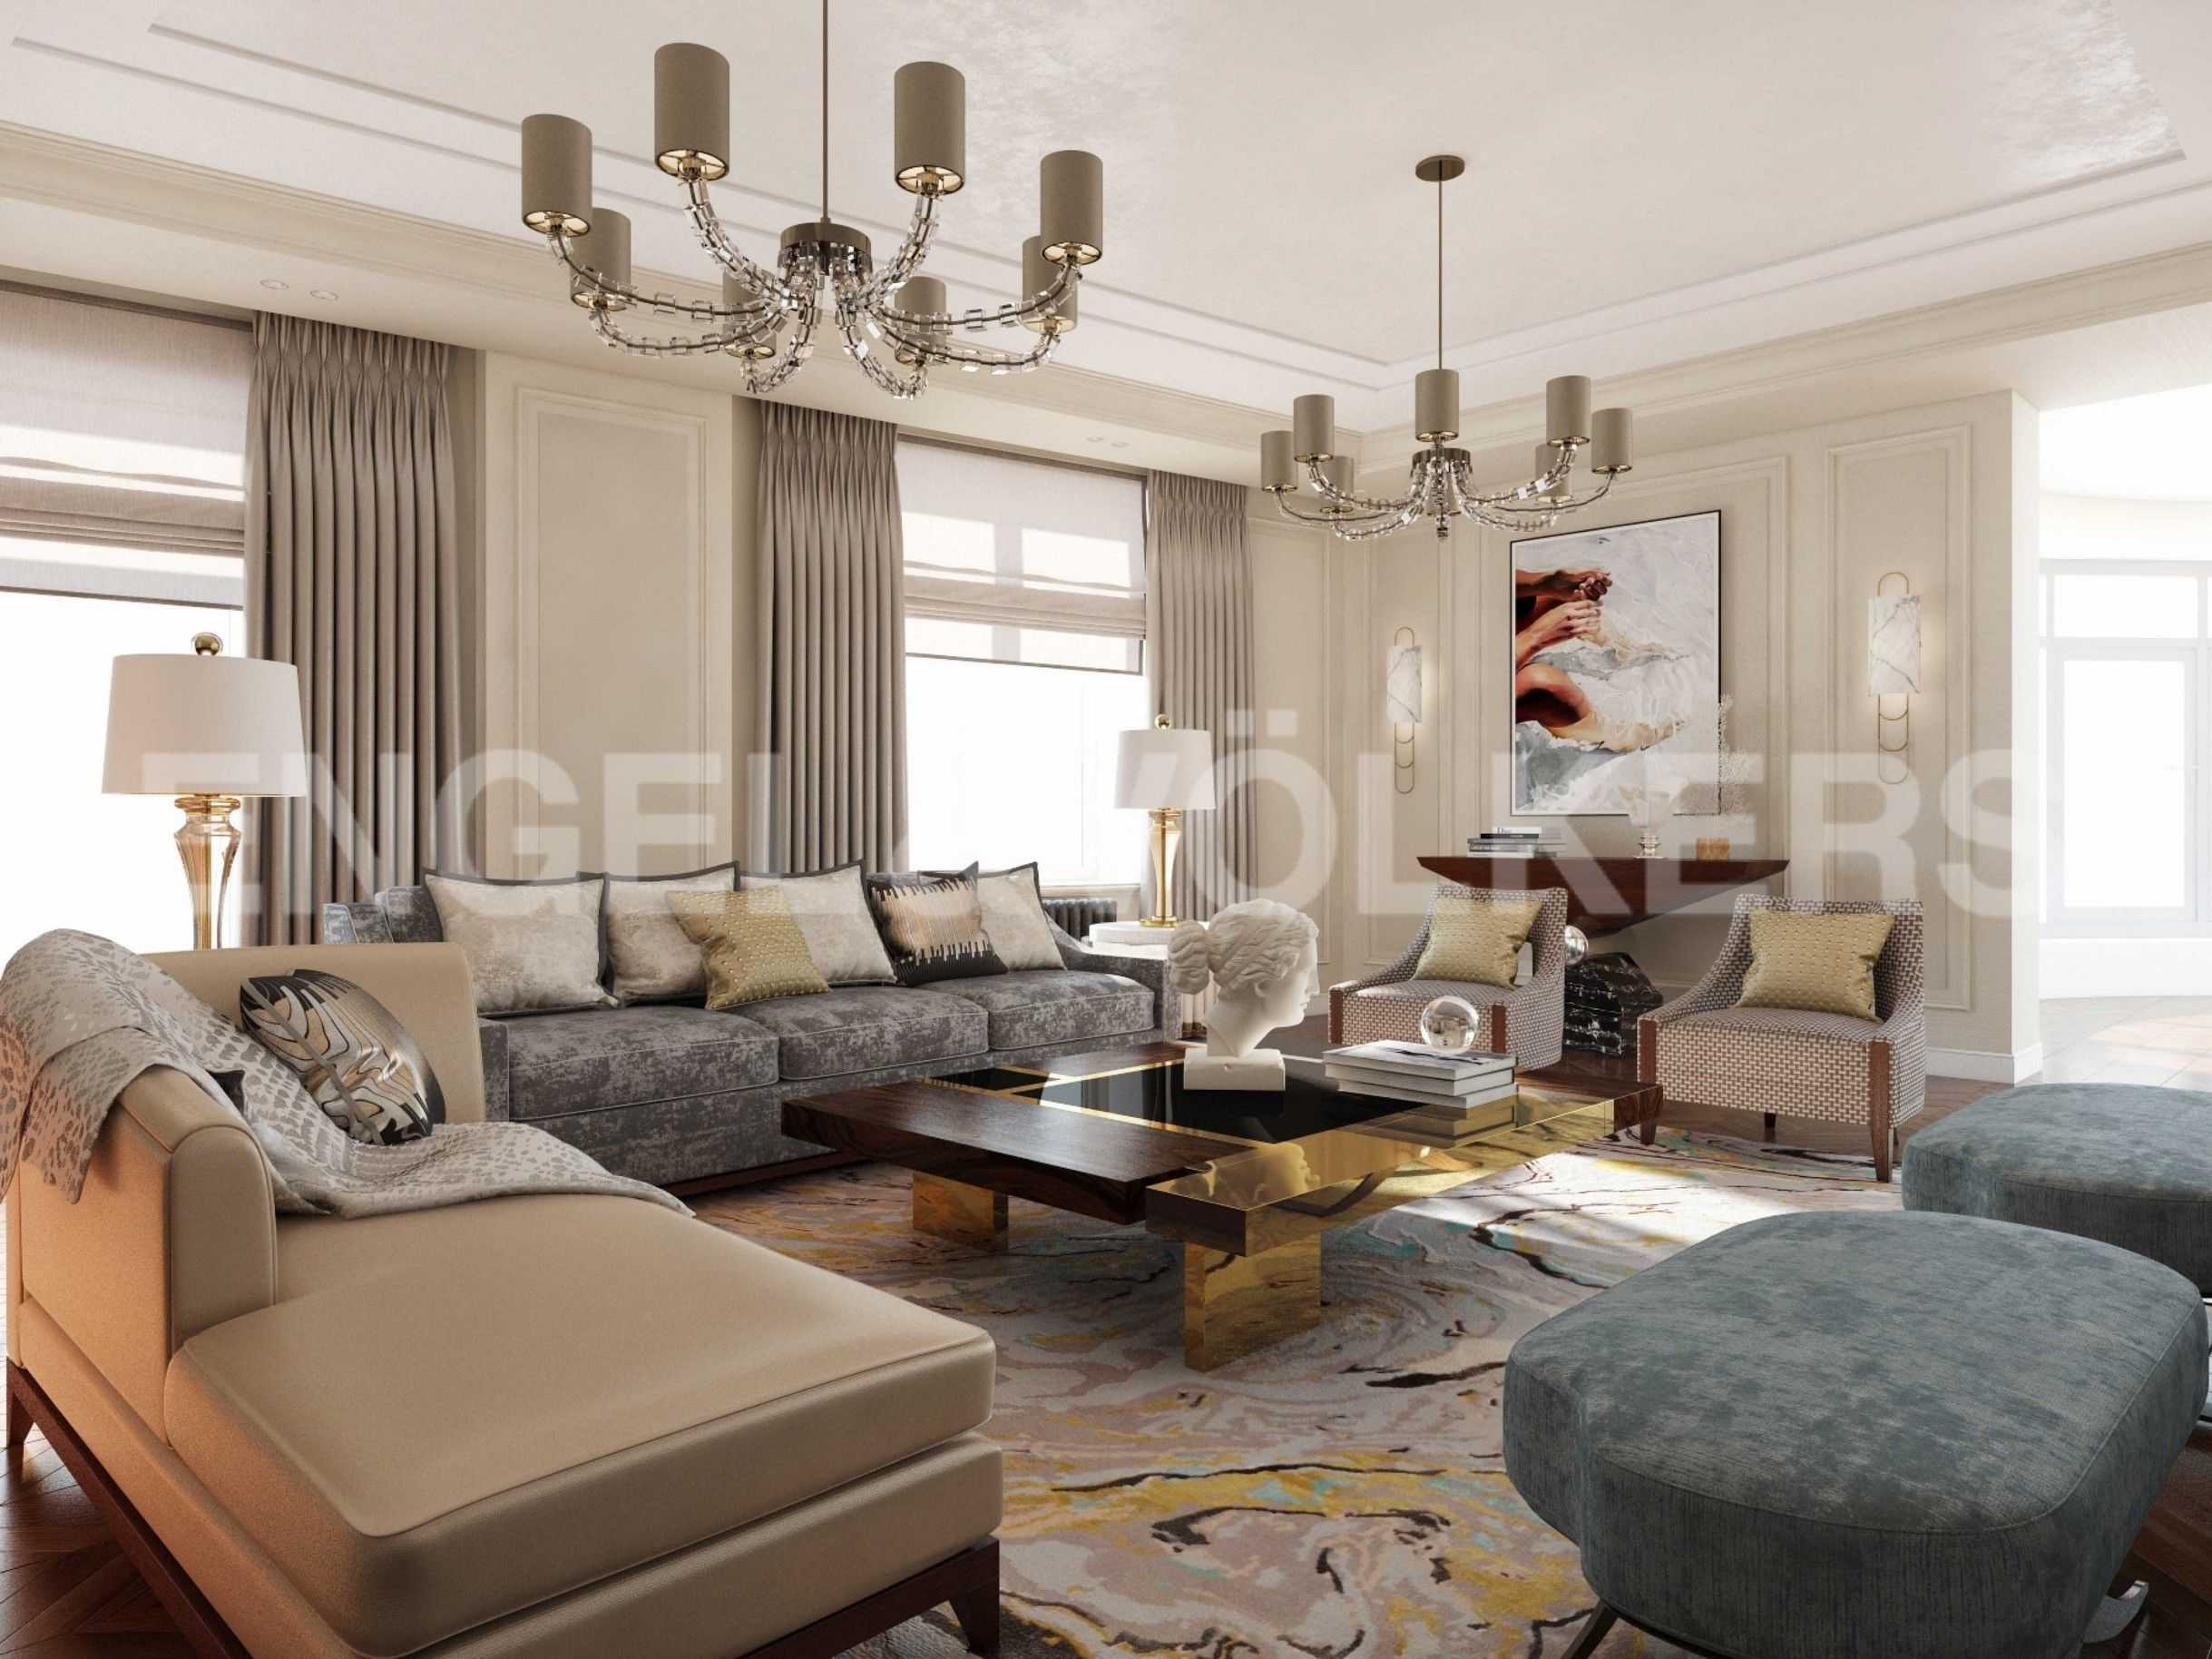 Элитные квартиры в Центральном районе. Санкт-Петербург, Парадная, 3. Дизайн-проект гостиная